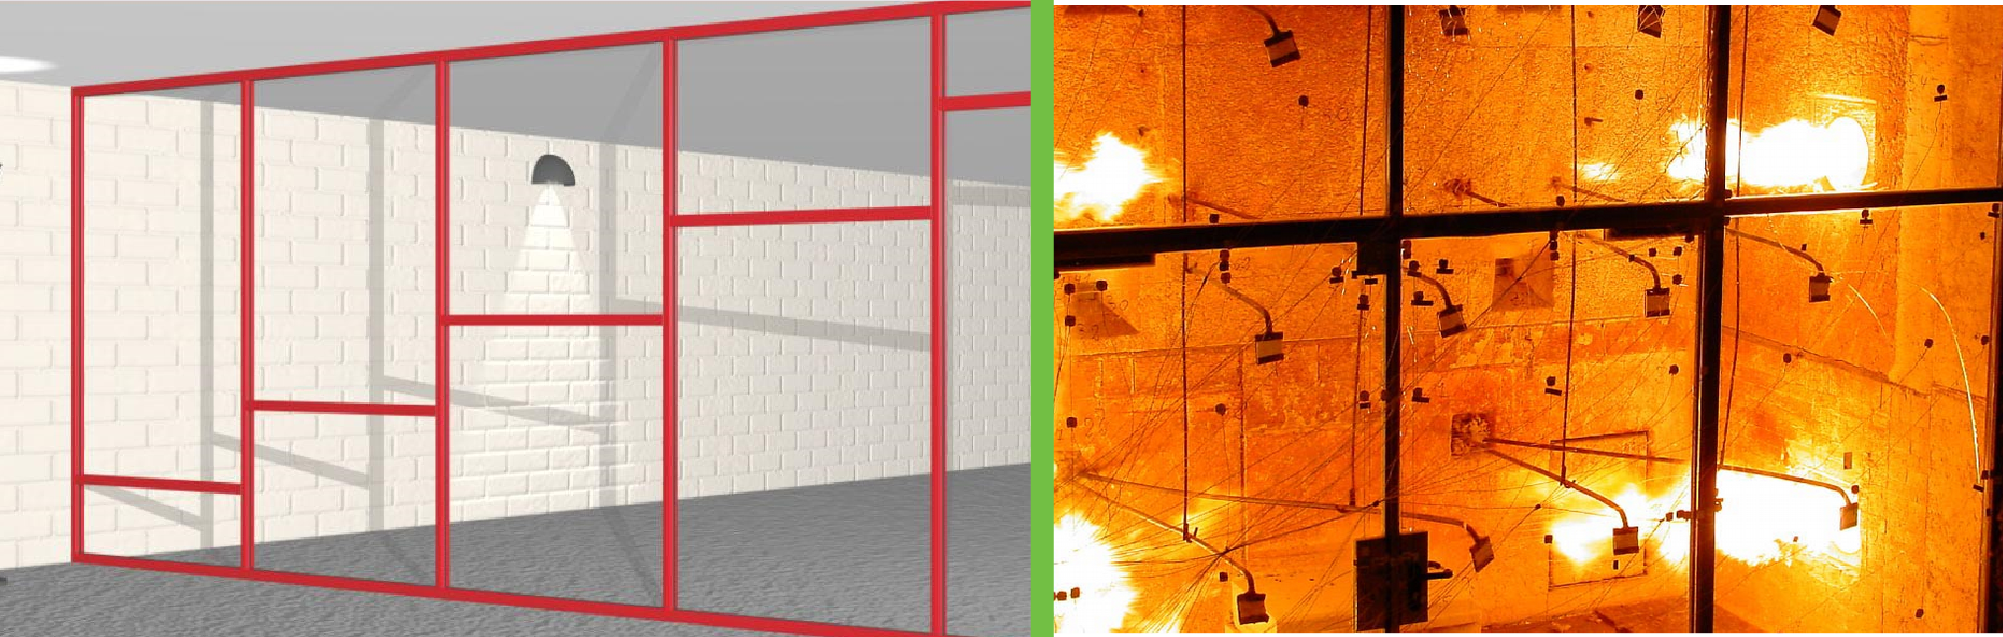 Ugunsdrošo stikla konstrukciju drošība liesmas